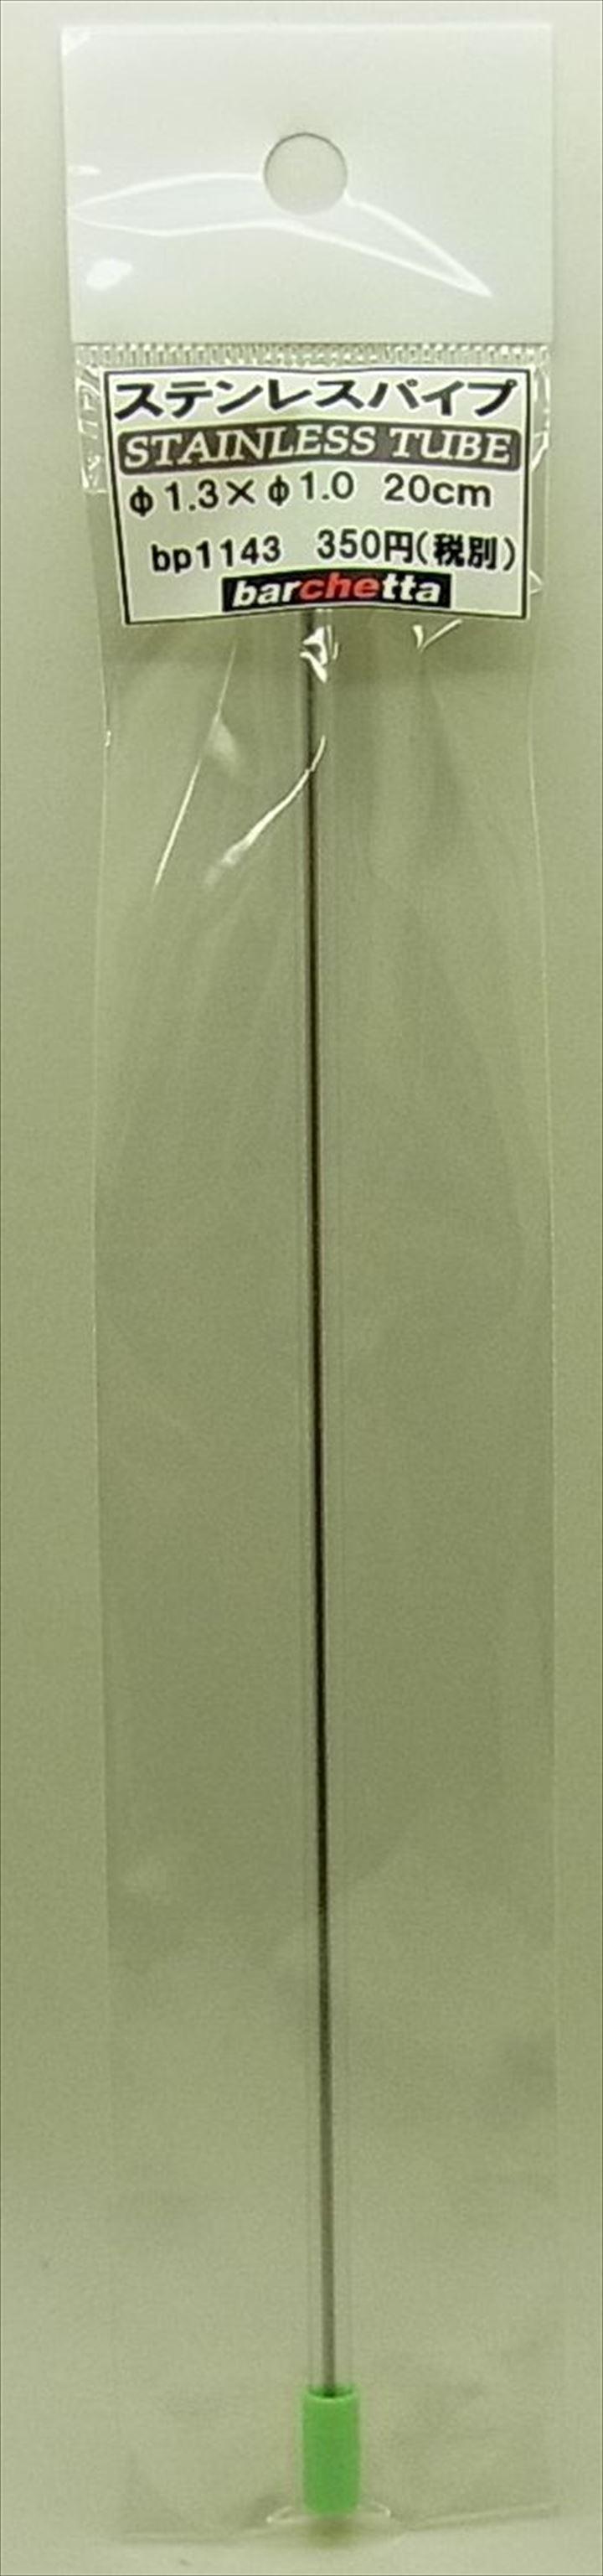 bp1143  ステンレスパイプ 外径φ1.3 × 内径φ1.0 長さ20cm 1本入 STAINLESS TUBE